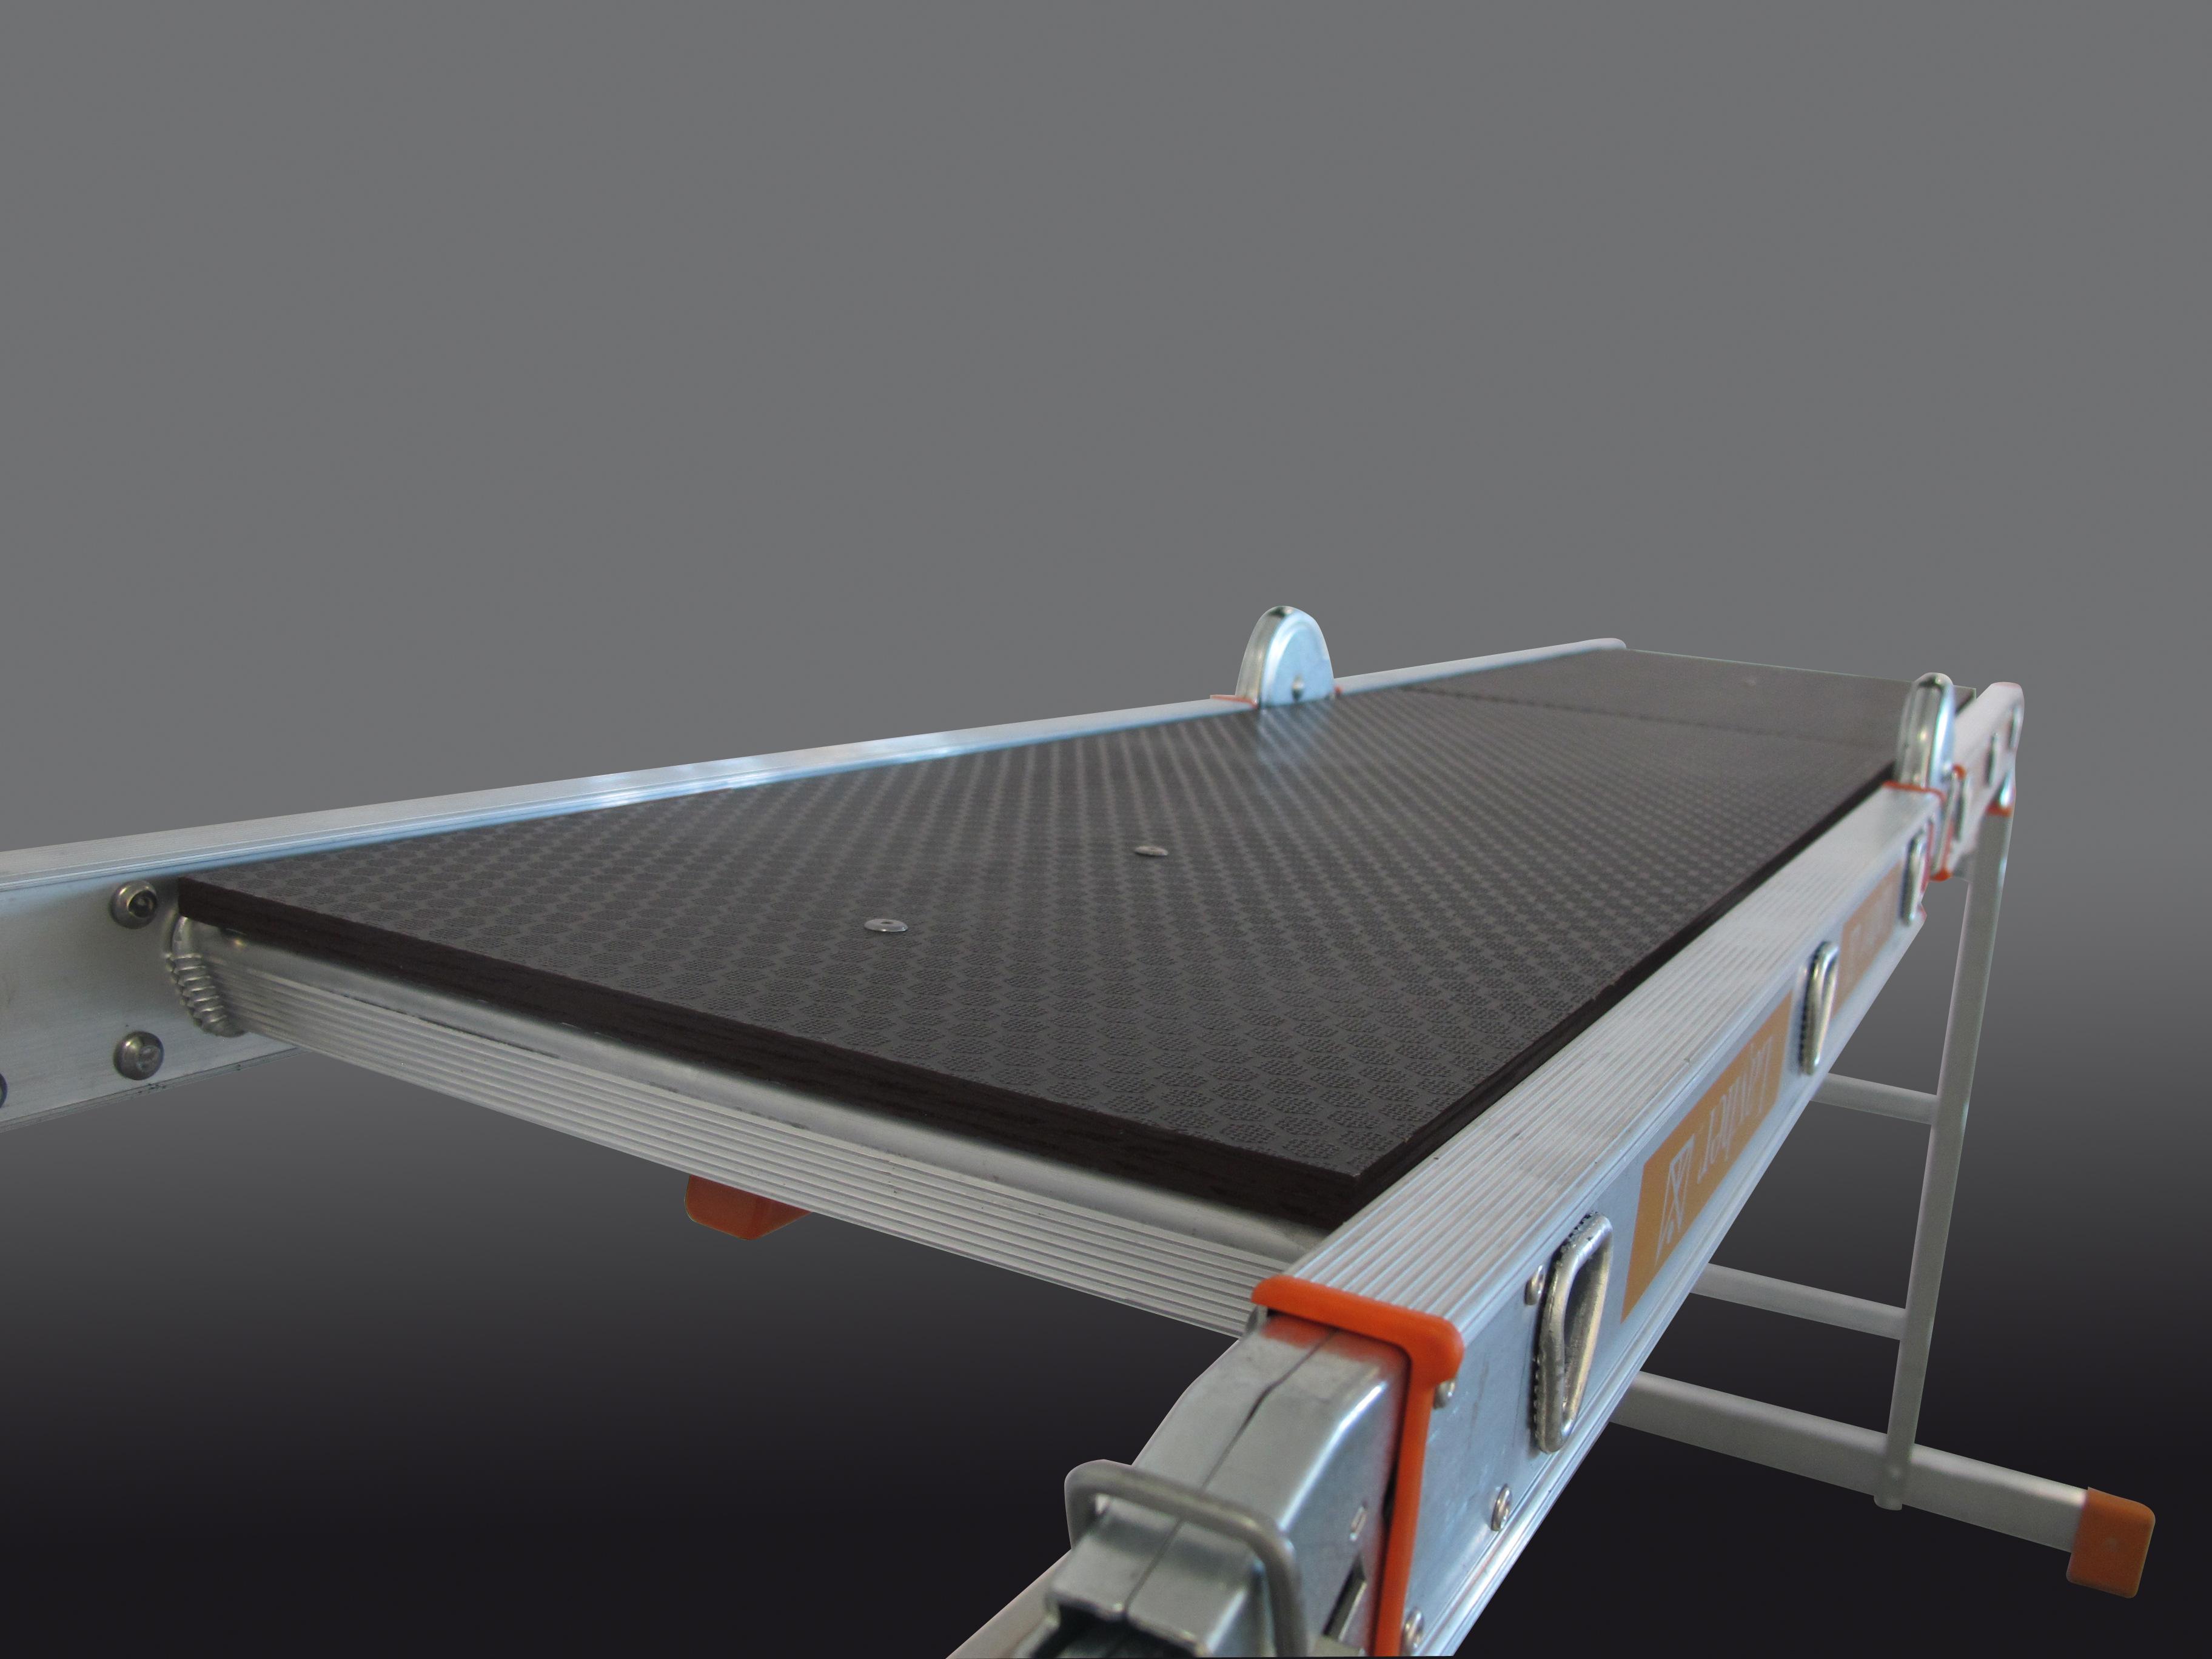 Layher Plattform Set Fur Topic Kofferraum Leiter Klappleiter Gelenkleiter 4x3 Sprossen